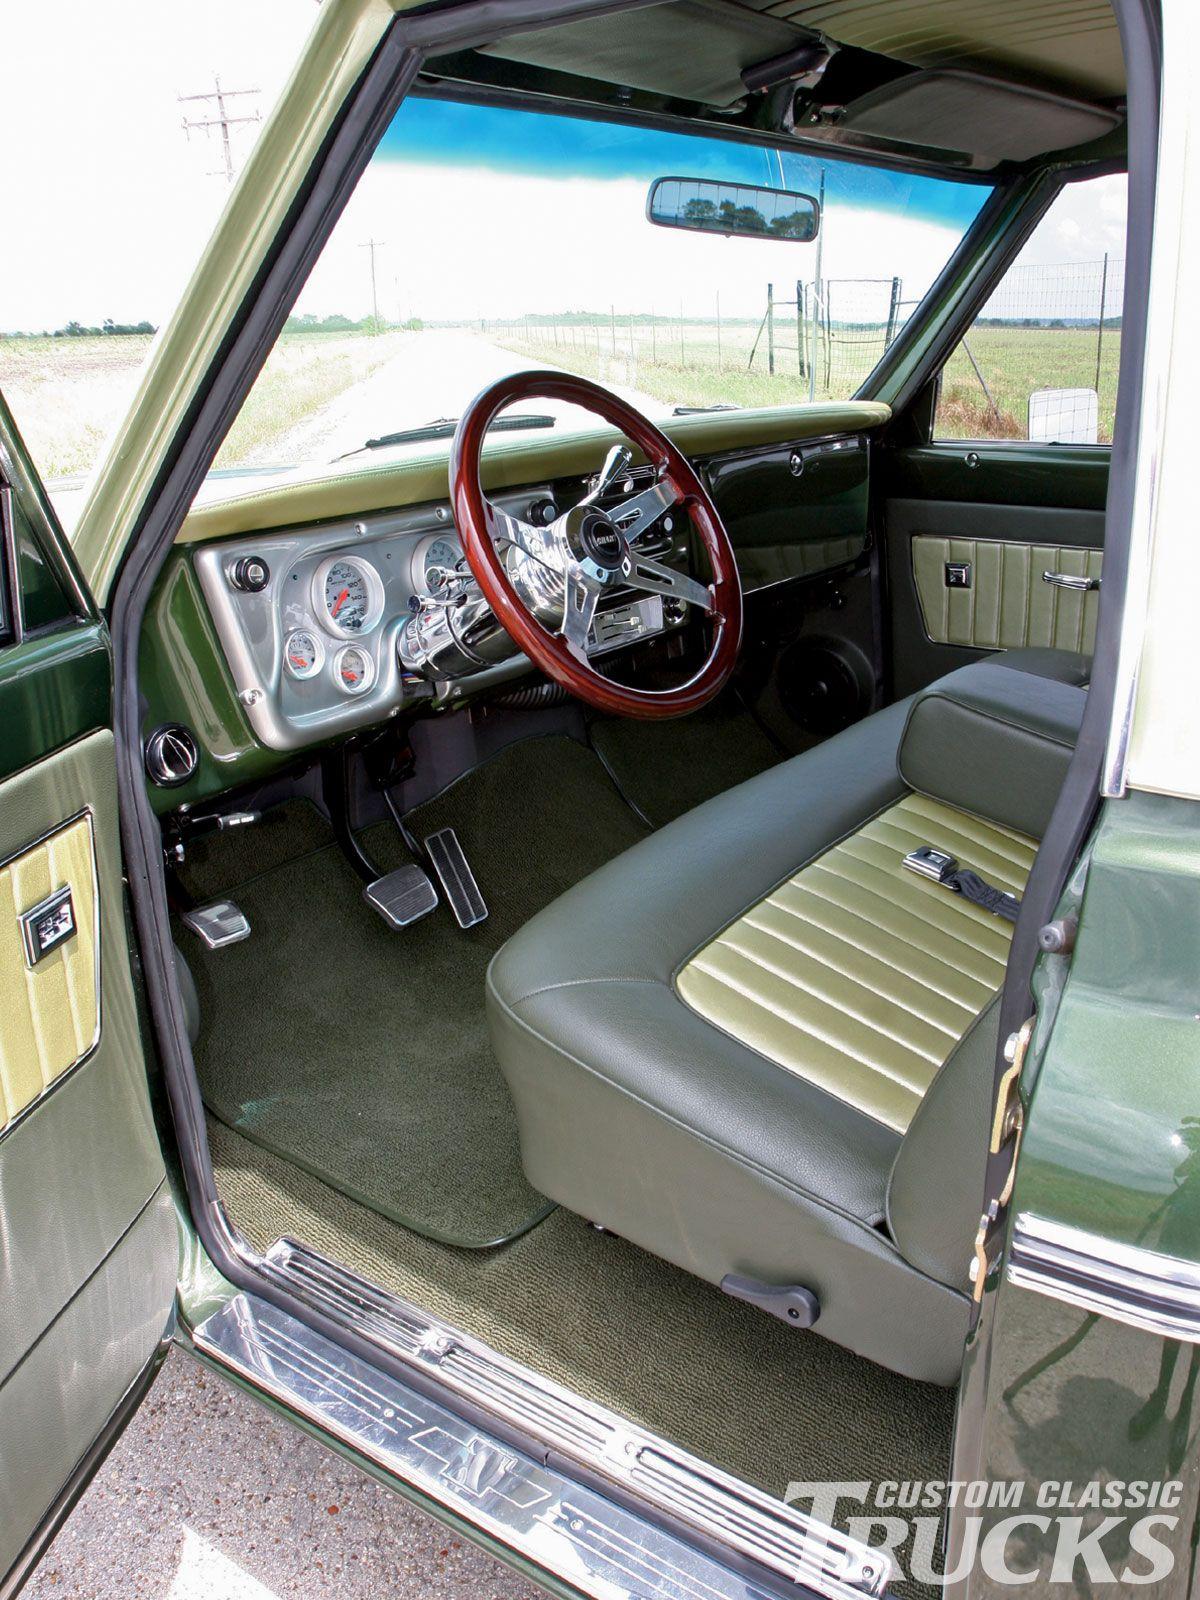 1972 Chevy C10 Interior Photo 10 Camiones Chevy Interiores De Coches Camionetas